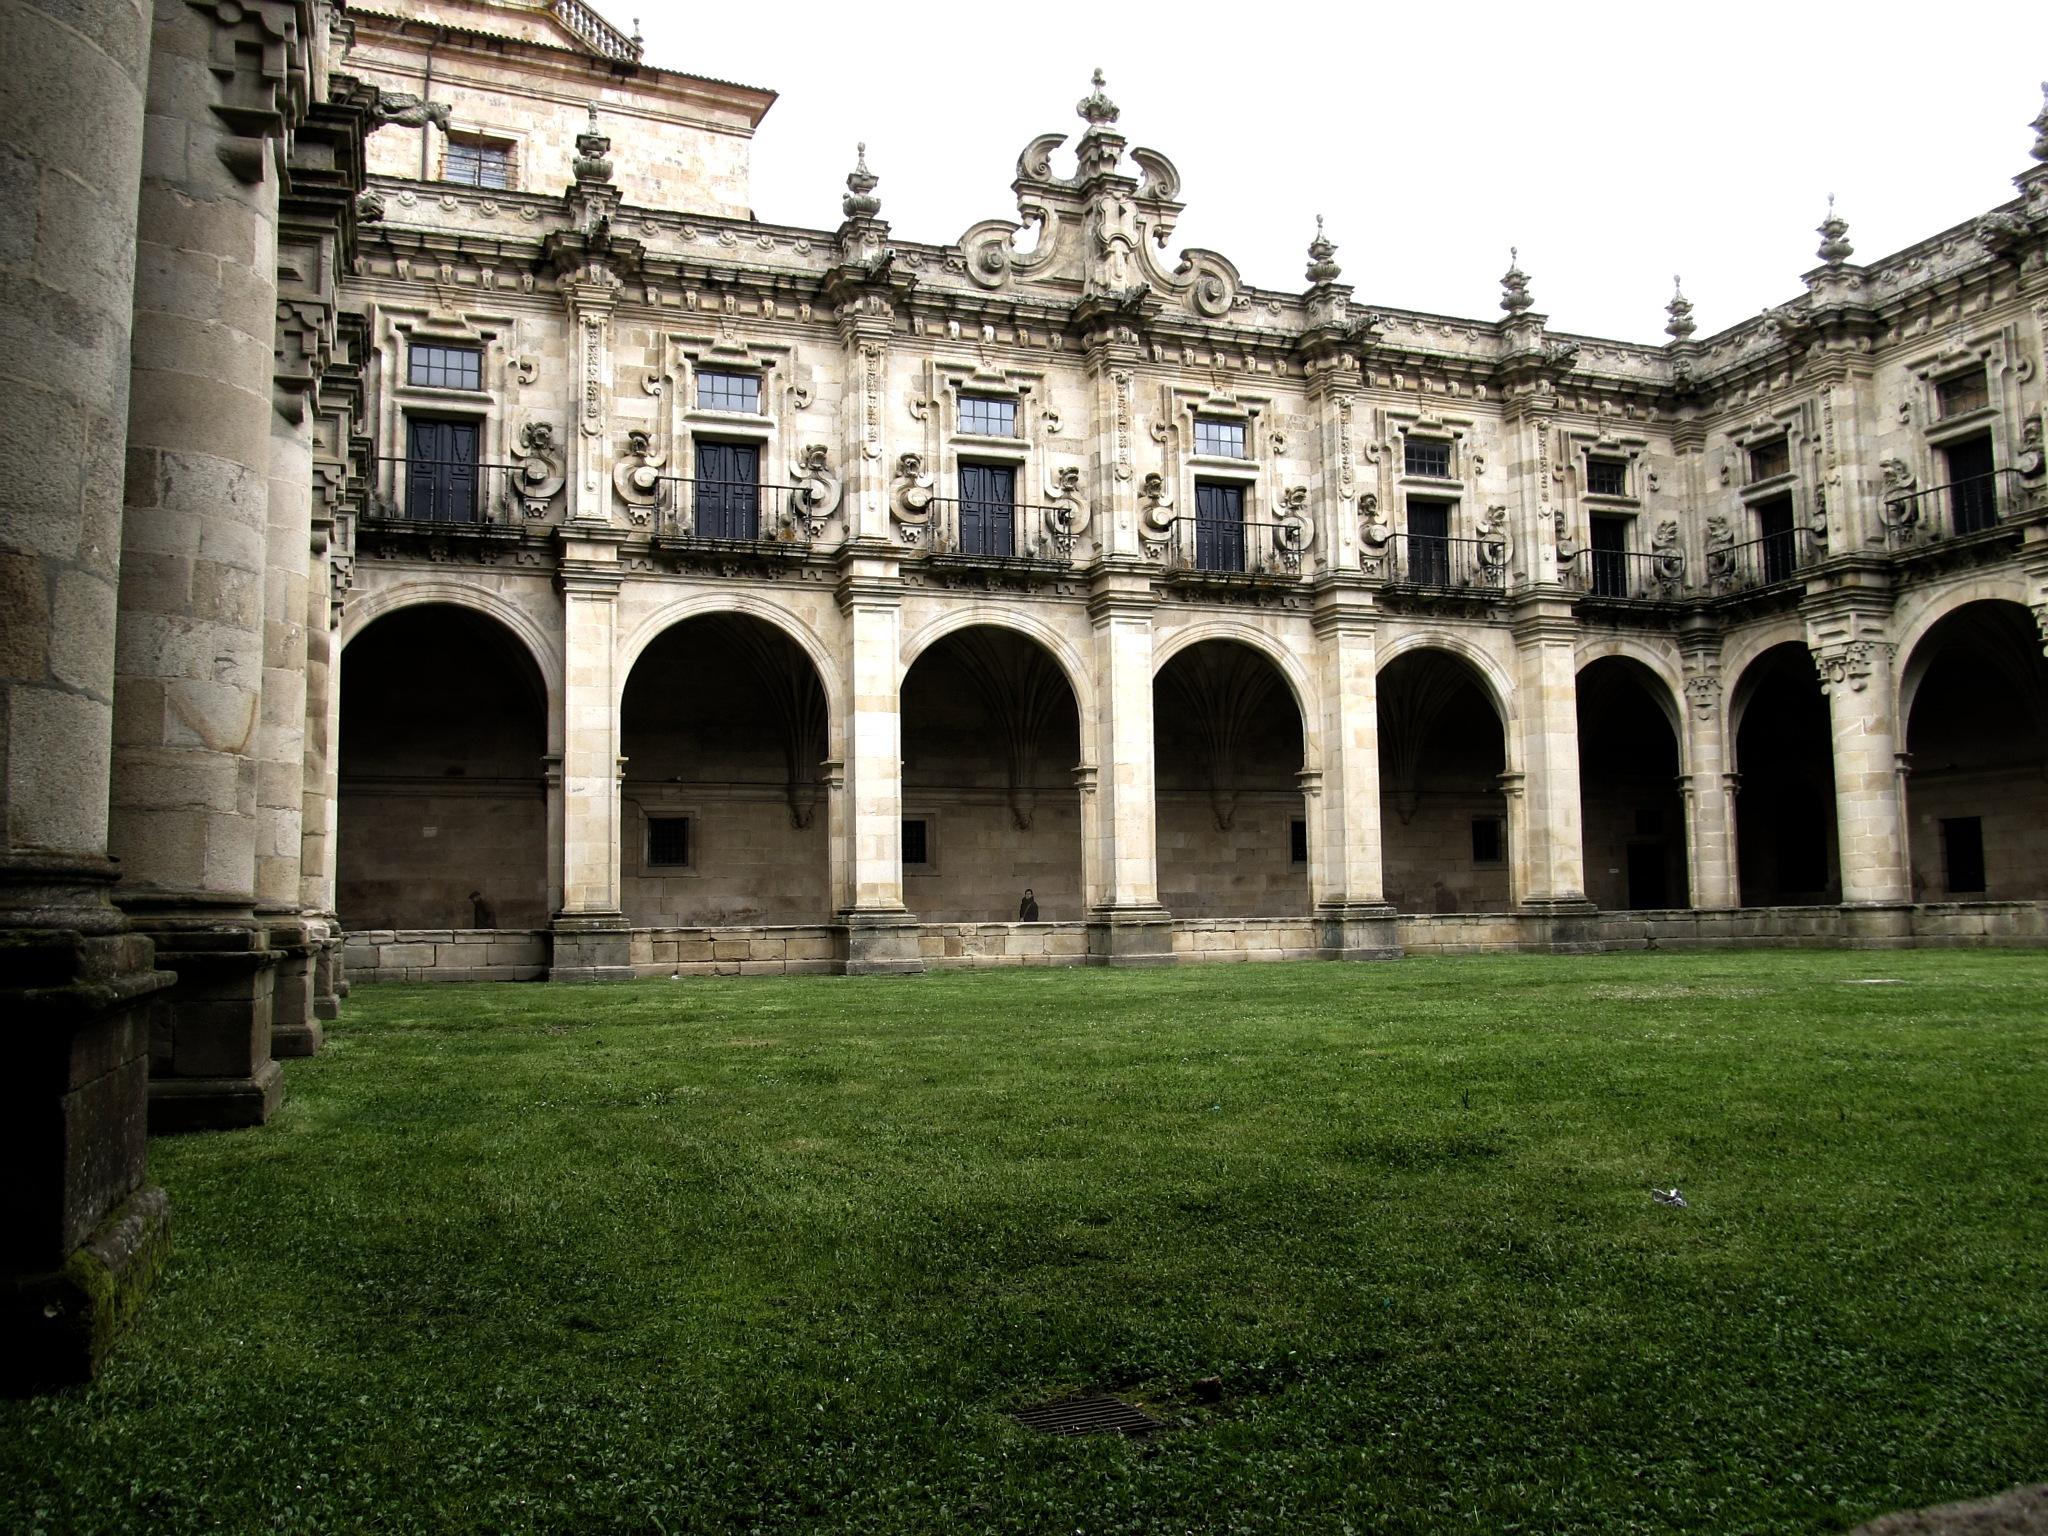 Patio del Monasterio by Dario Alvarez